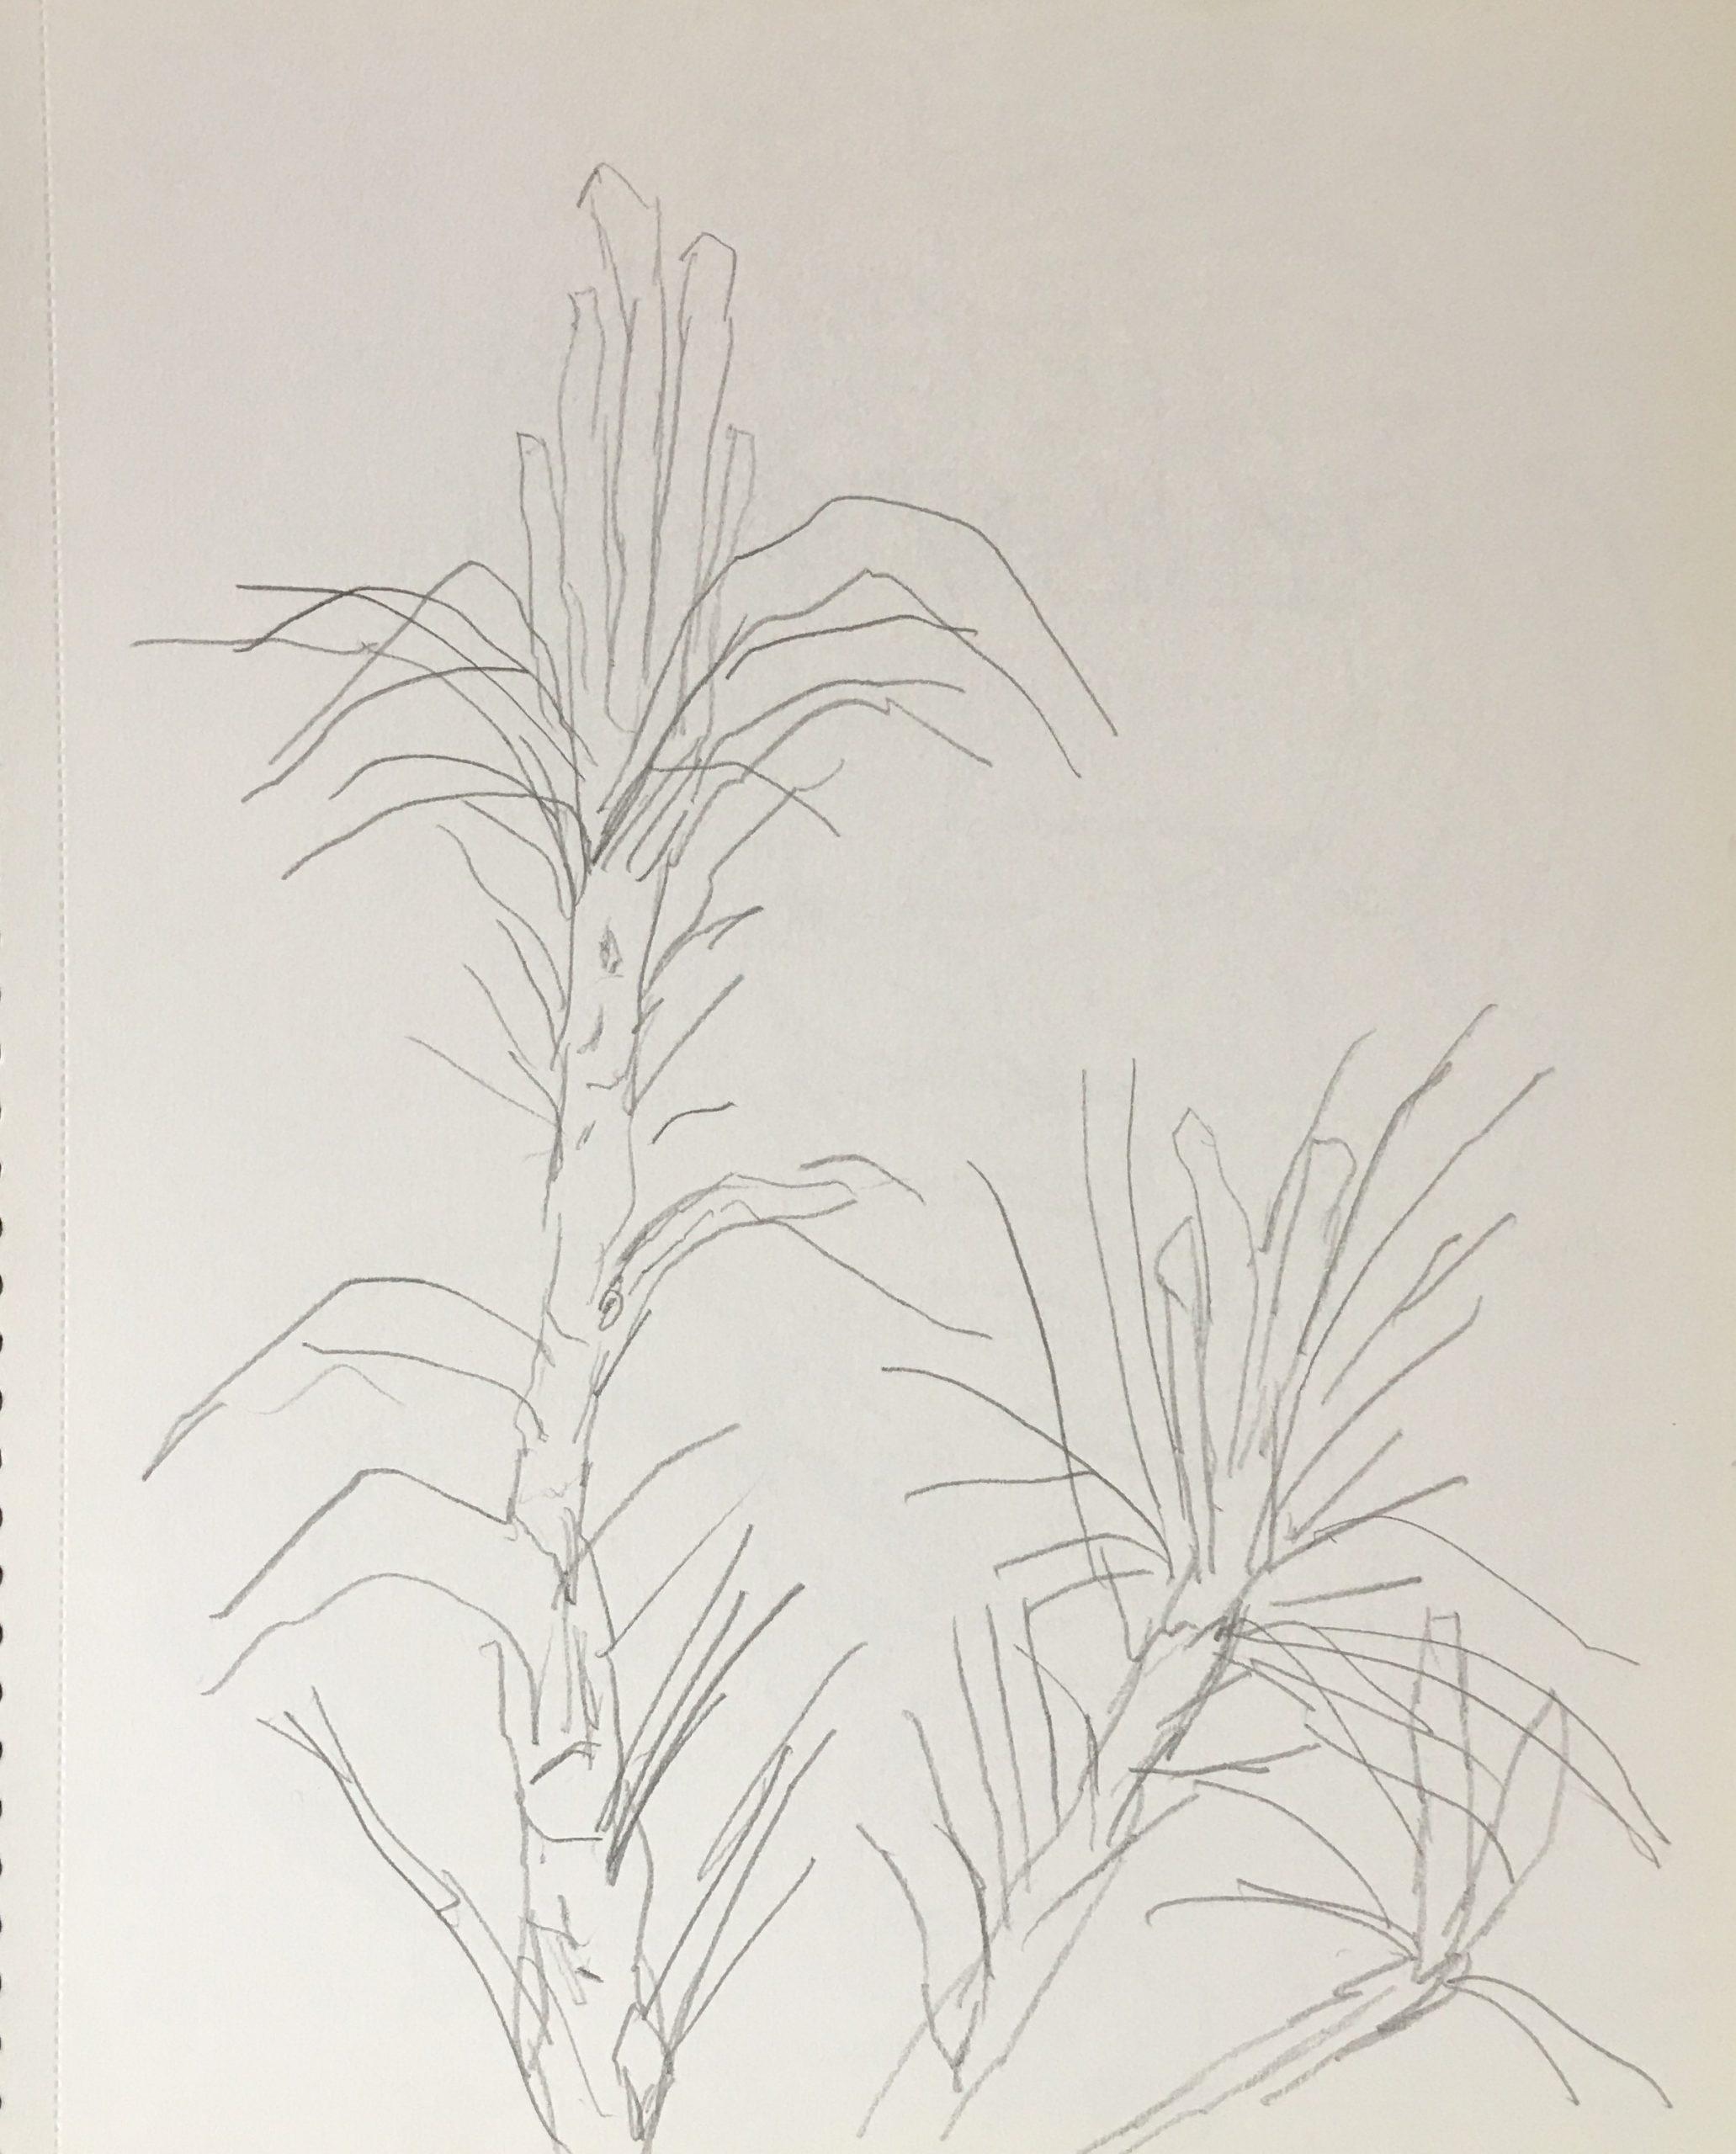 Art For Now - Scotch Pine Sketch